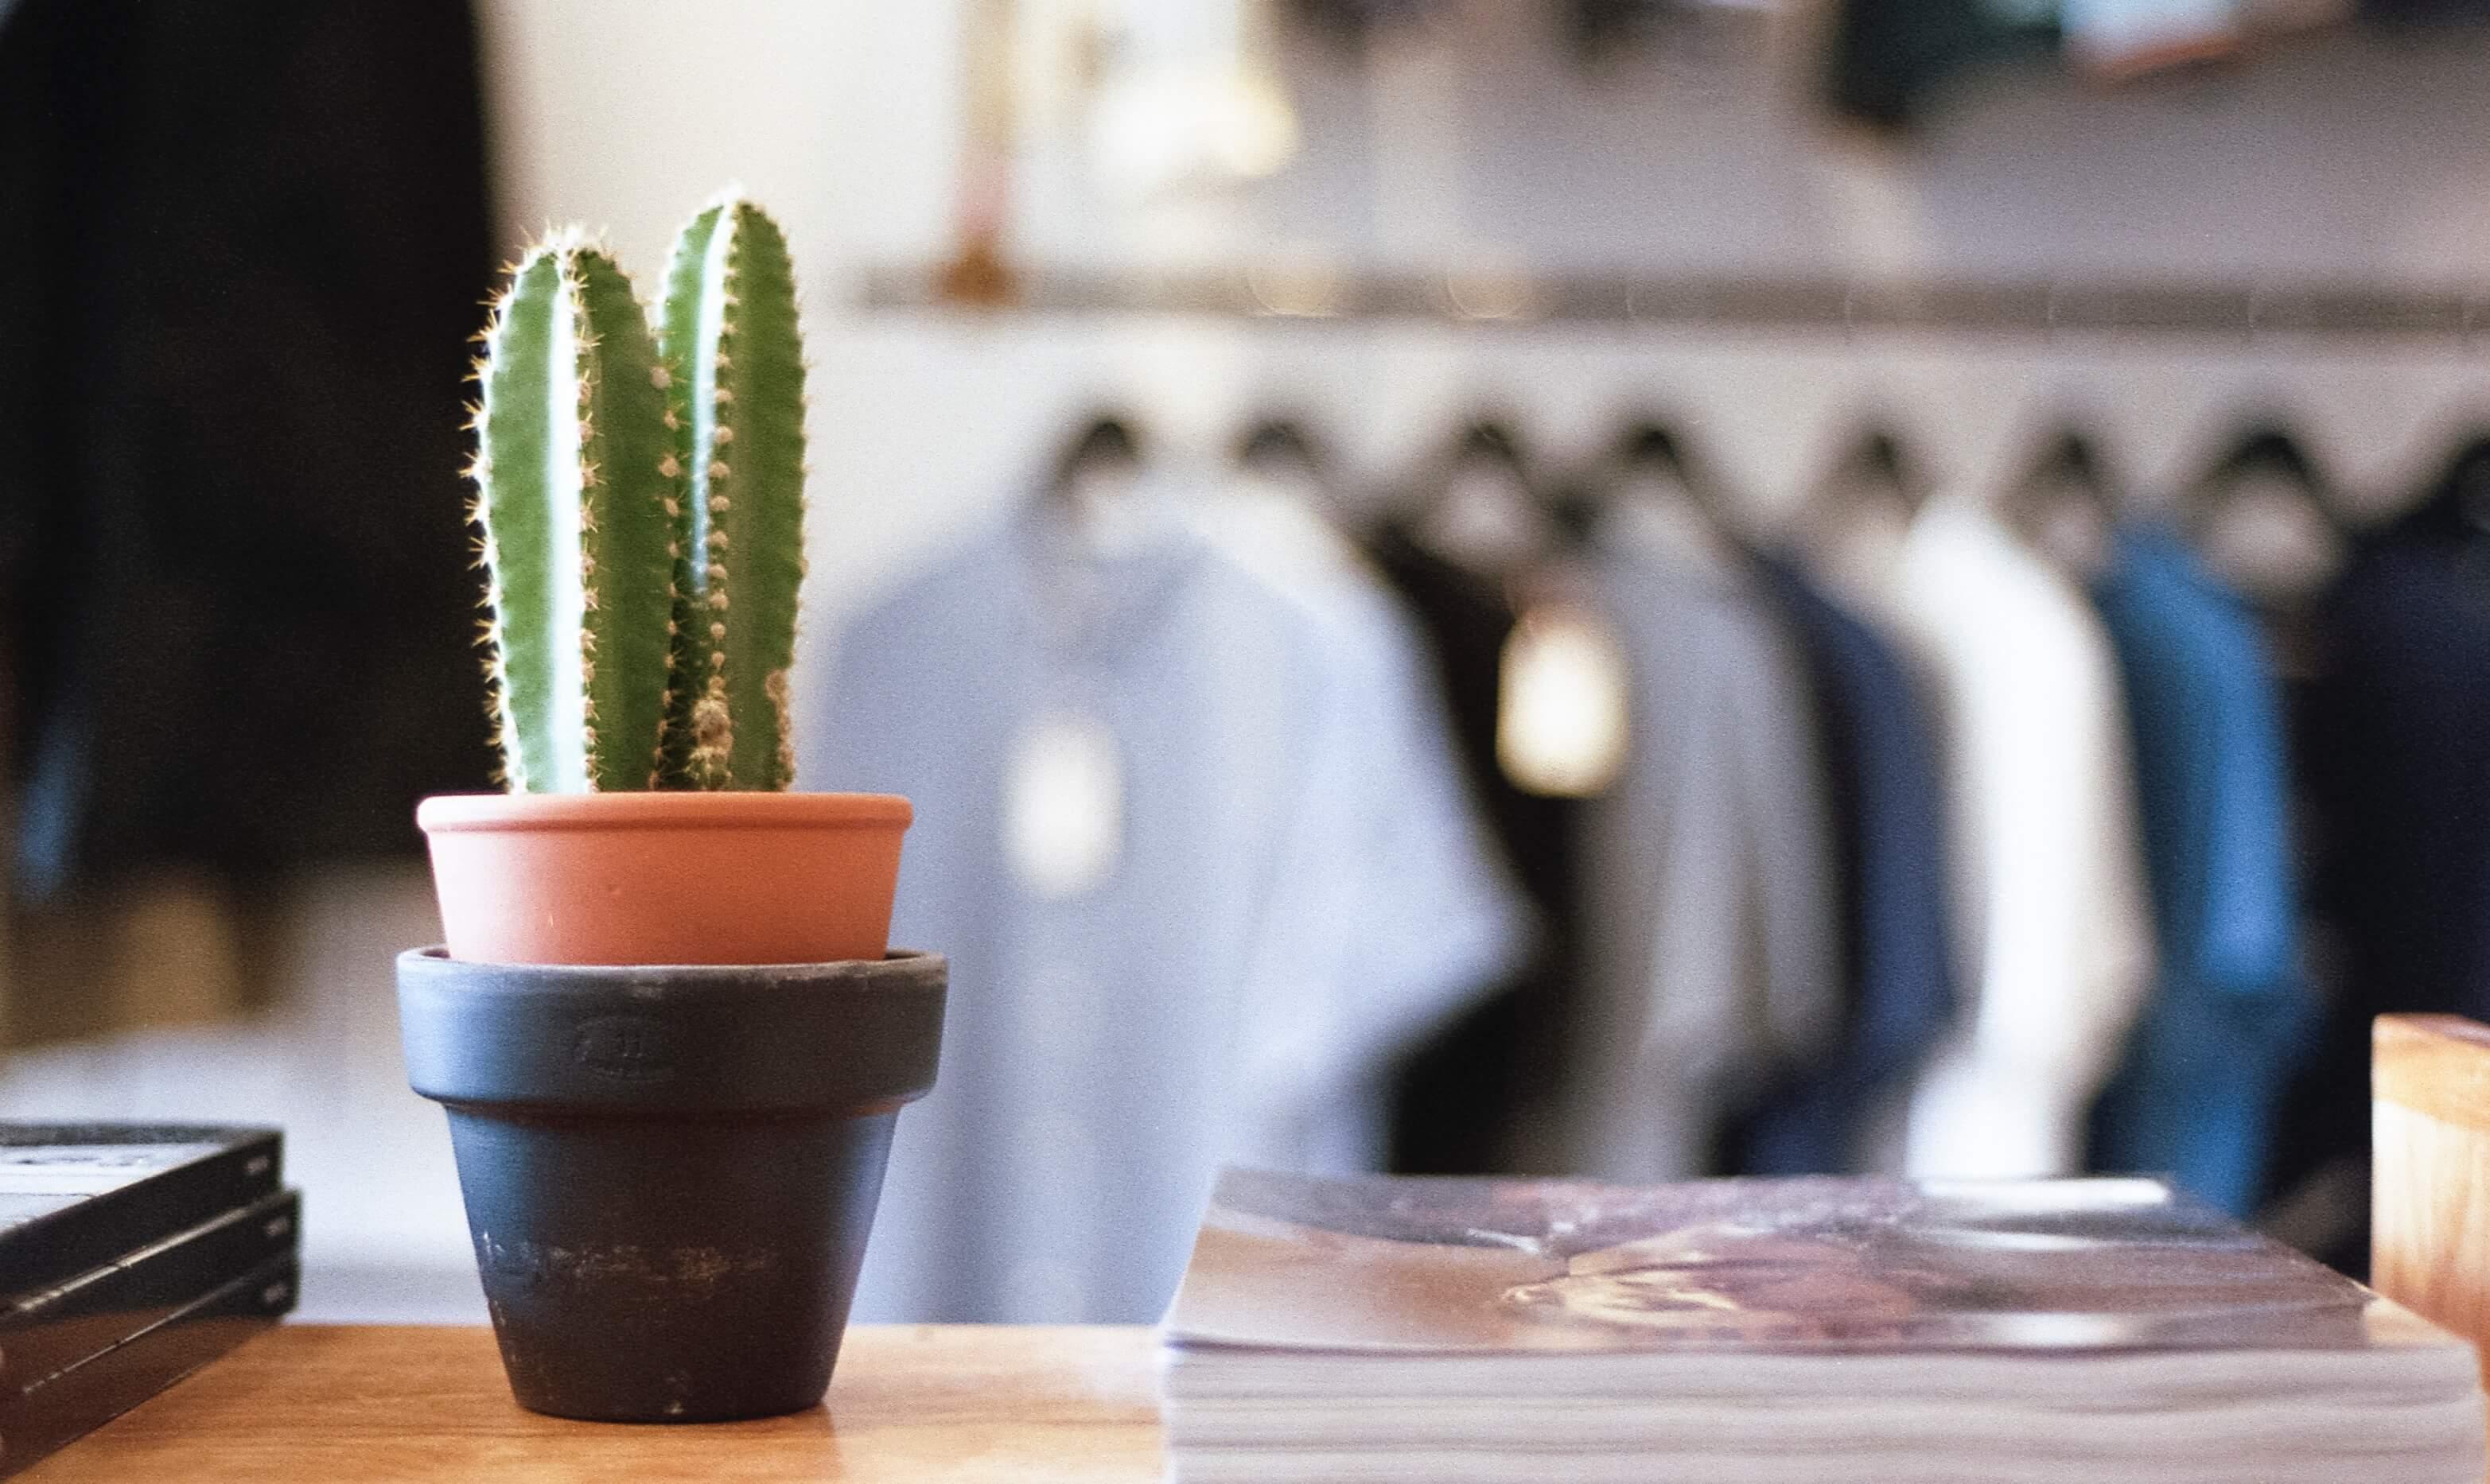 【オシャレなポロシャツの選び方】メンズポロシャツはサイズ感が命!おじさんっぽいコーデにならないために。